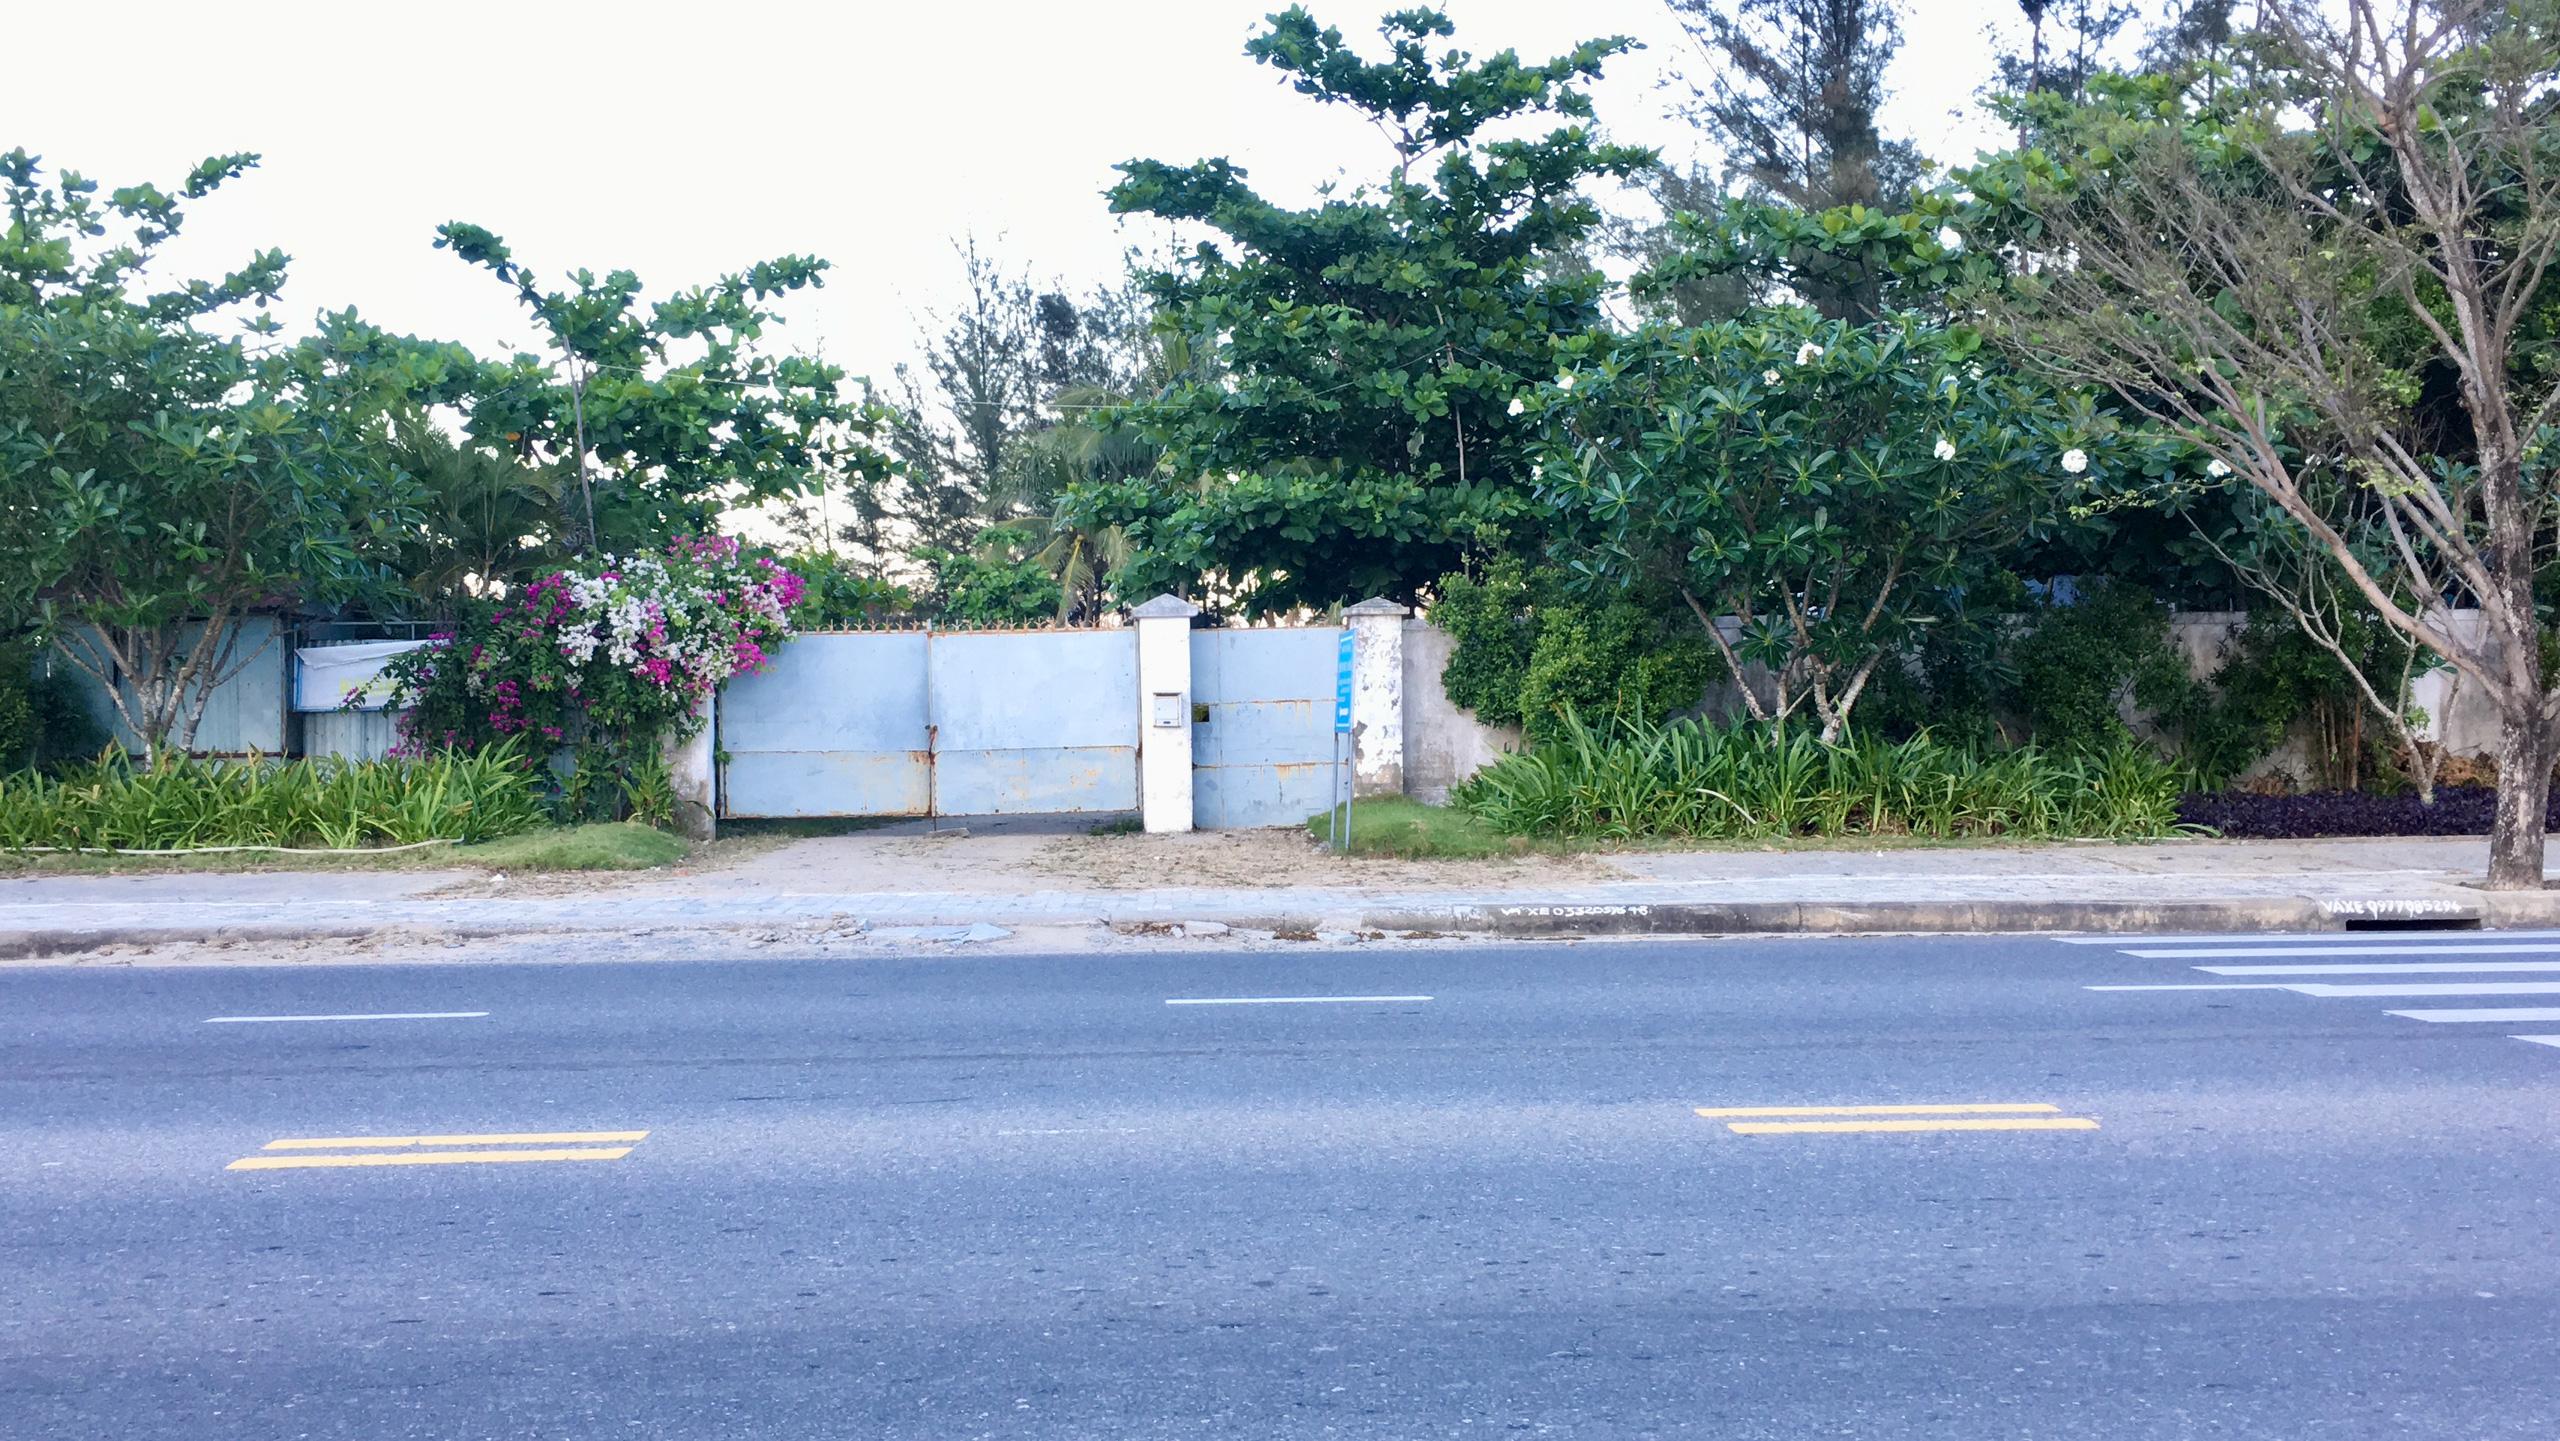 Dự án hơn 12 ha ven biển Đà Nẵng mà Công ty của vợ chồng Chủ tịch VNDirect muốn rút đầu tư hiện đang bỏ hoang - Ảnh 2.